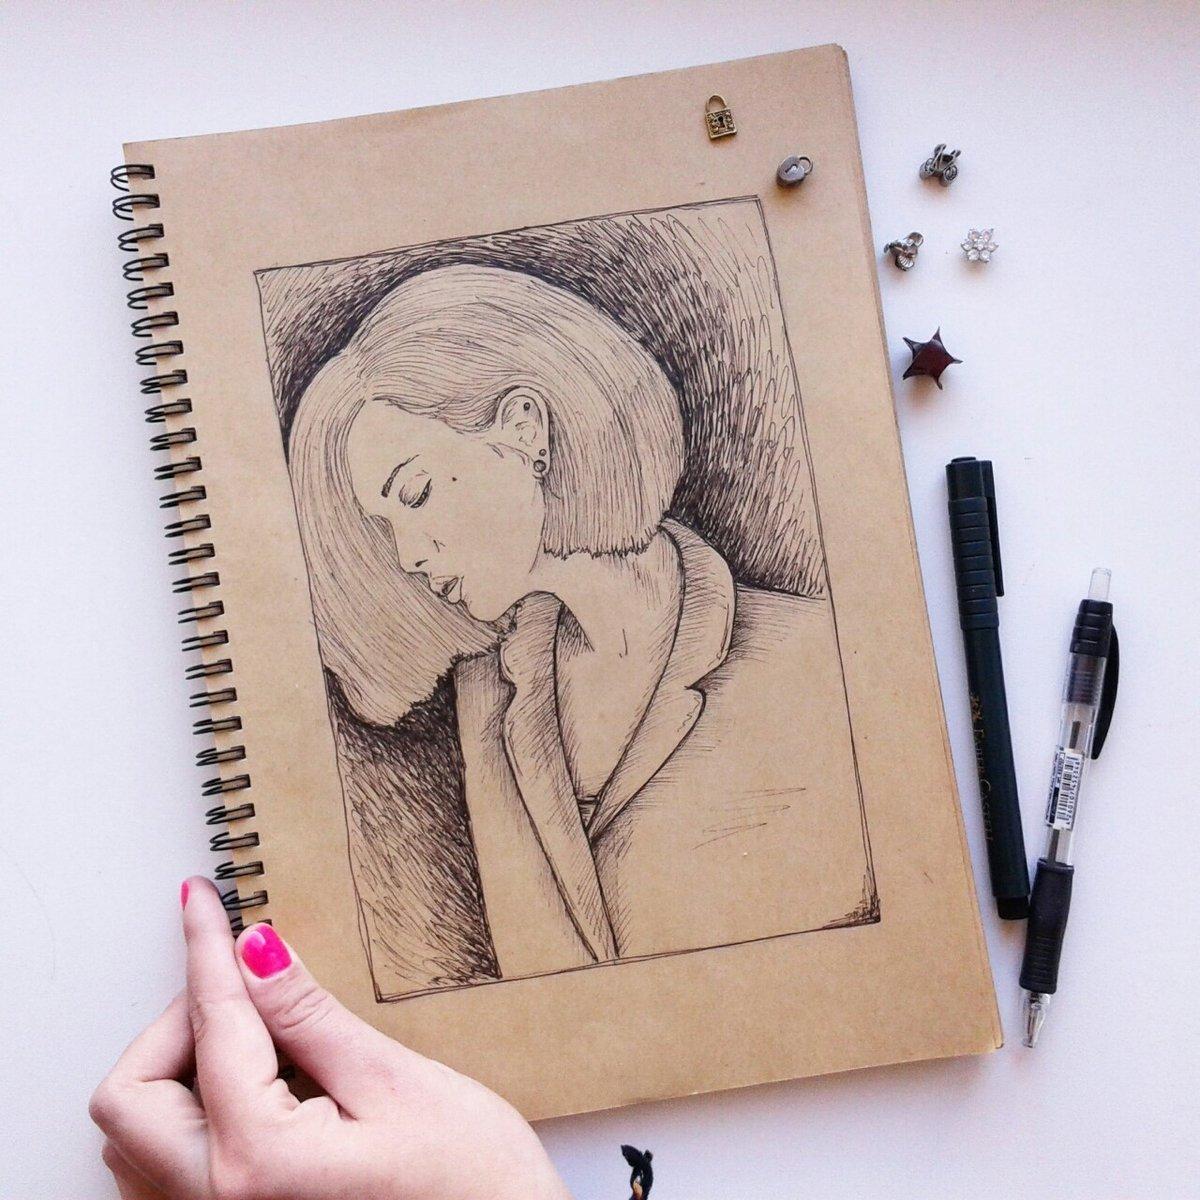 рисунки для скетчбука карандашом прибыли